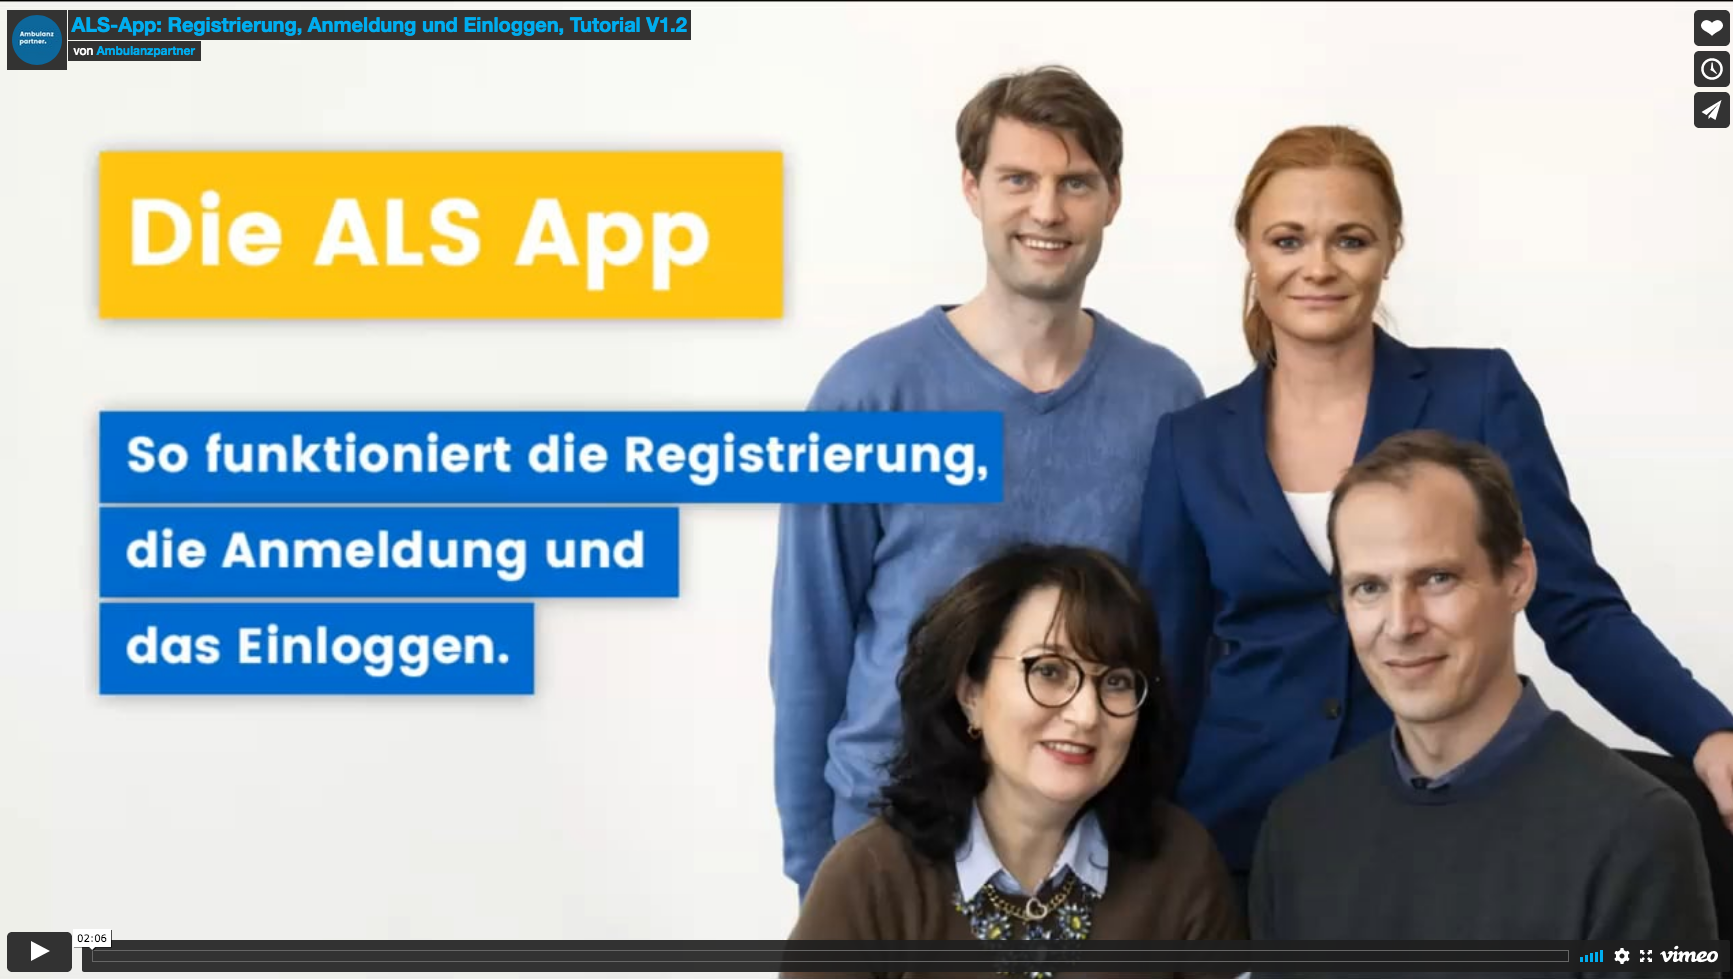 Videotutorial: So funktioniert die Registrierung  und Anmeldung für die ALS-App